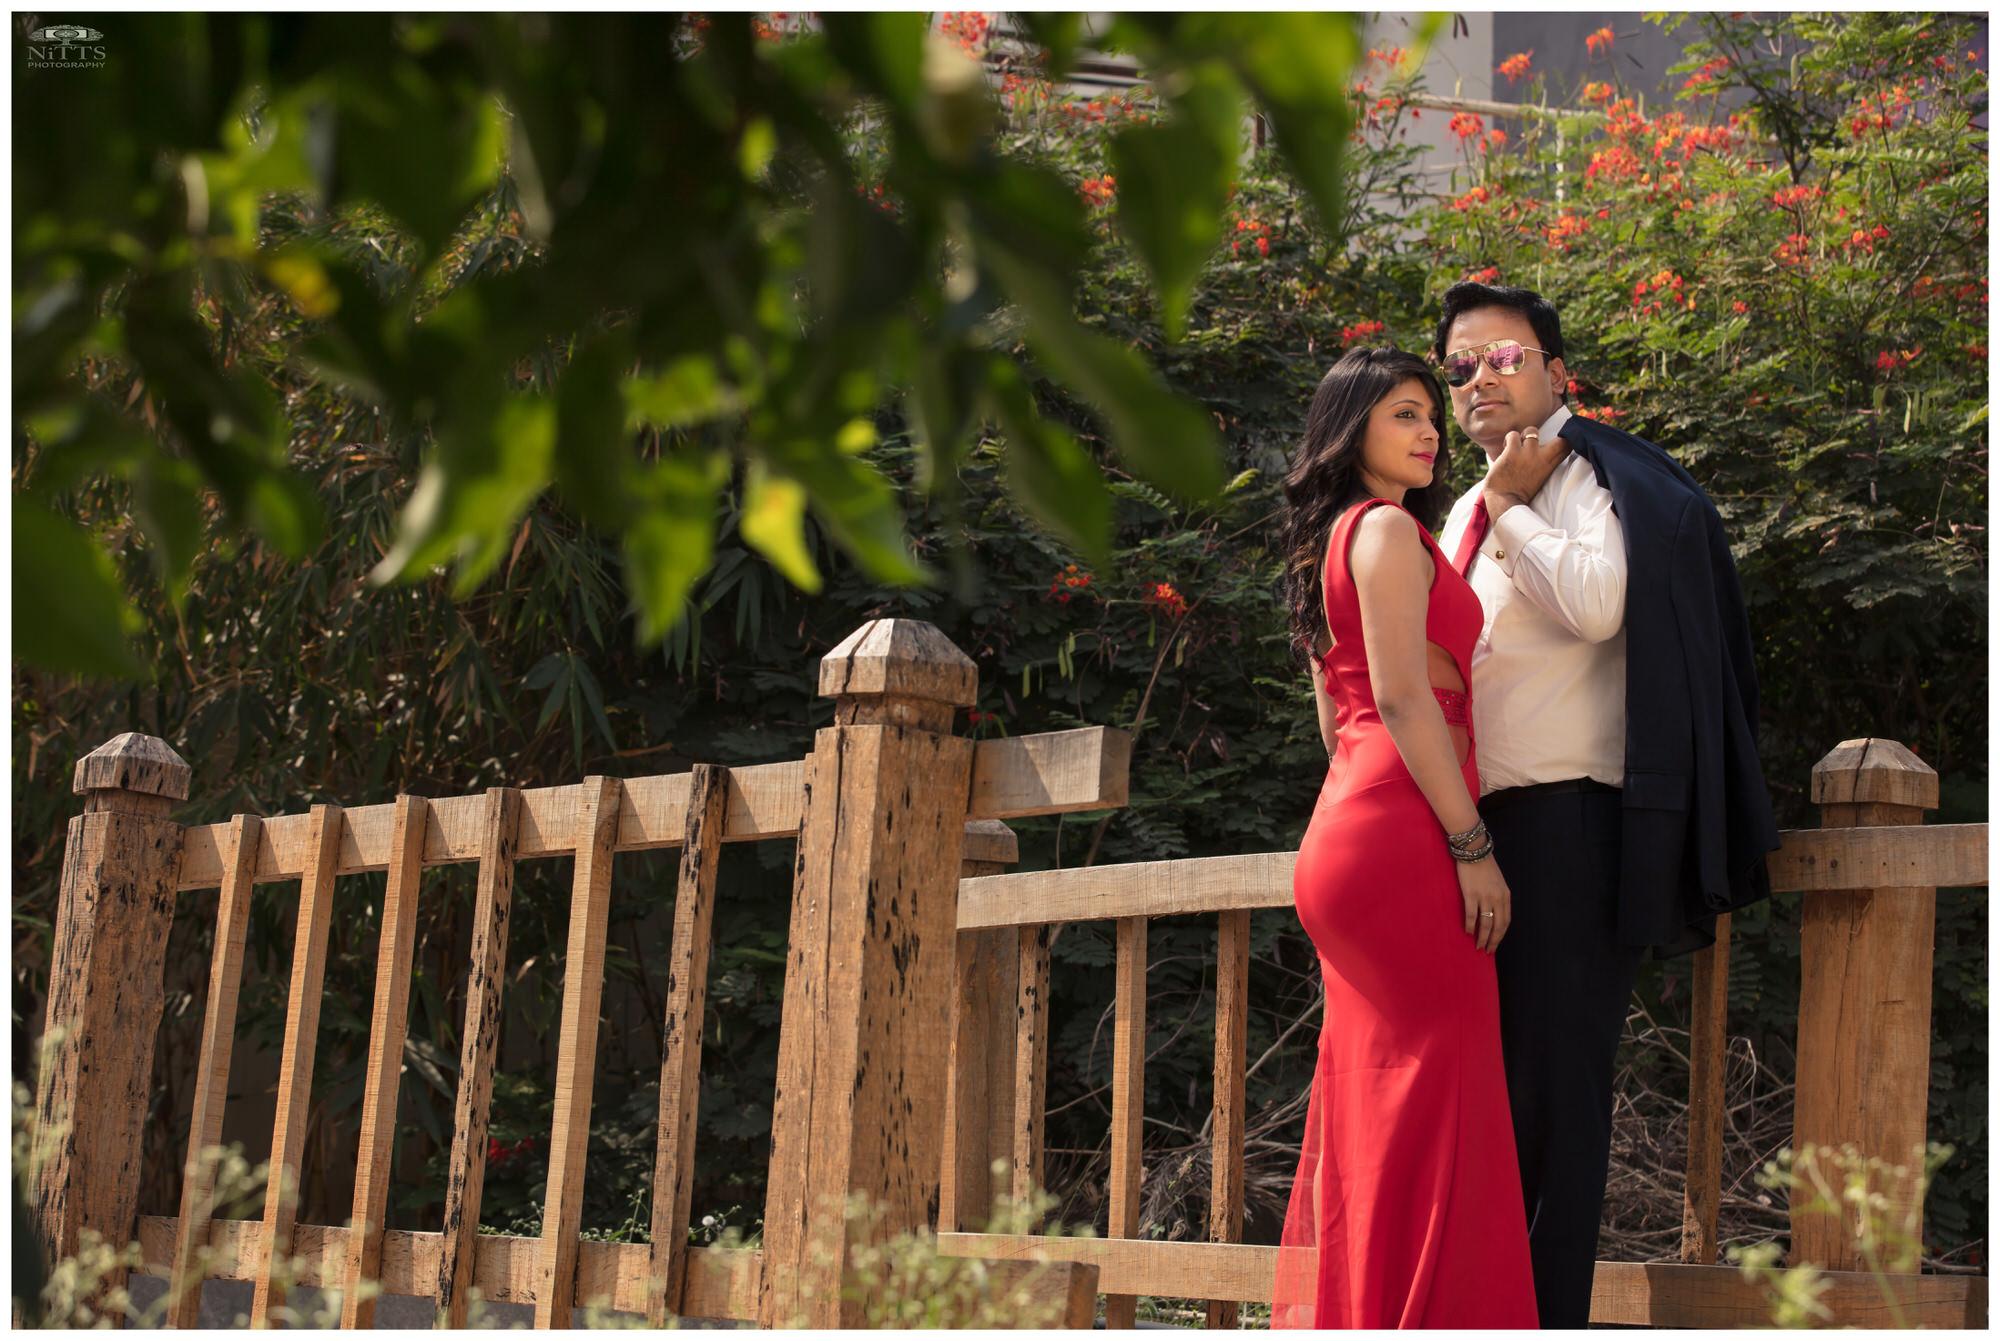 Abhishek & Neeti (Pre-wedding)-November 17, 2017-10.JPG